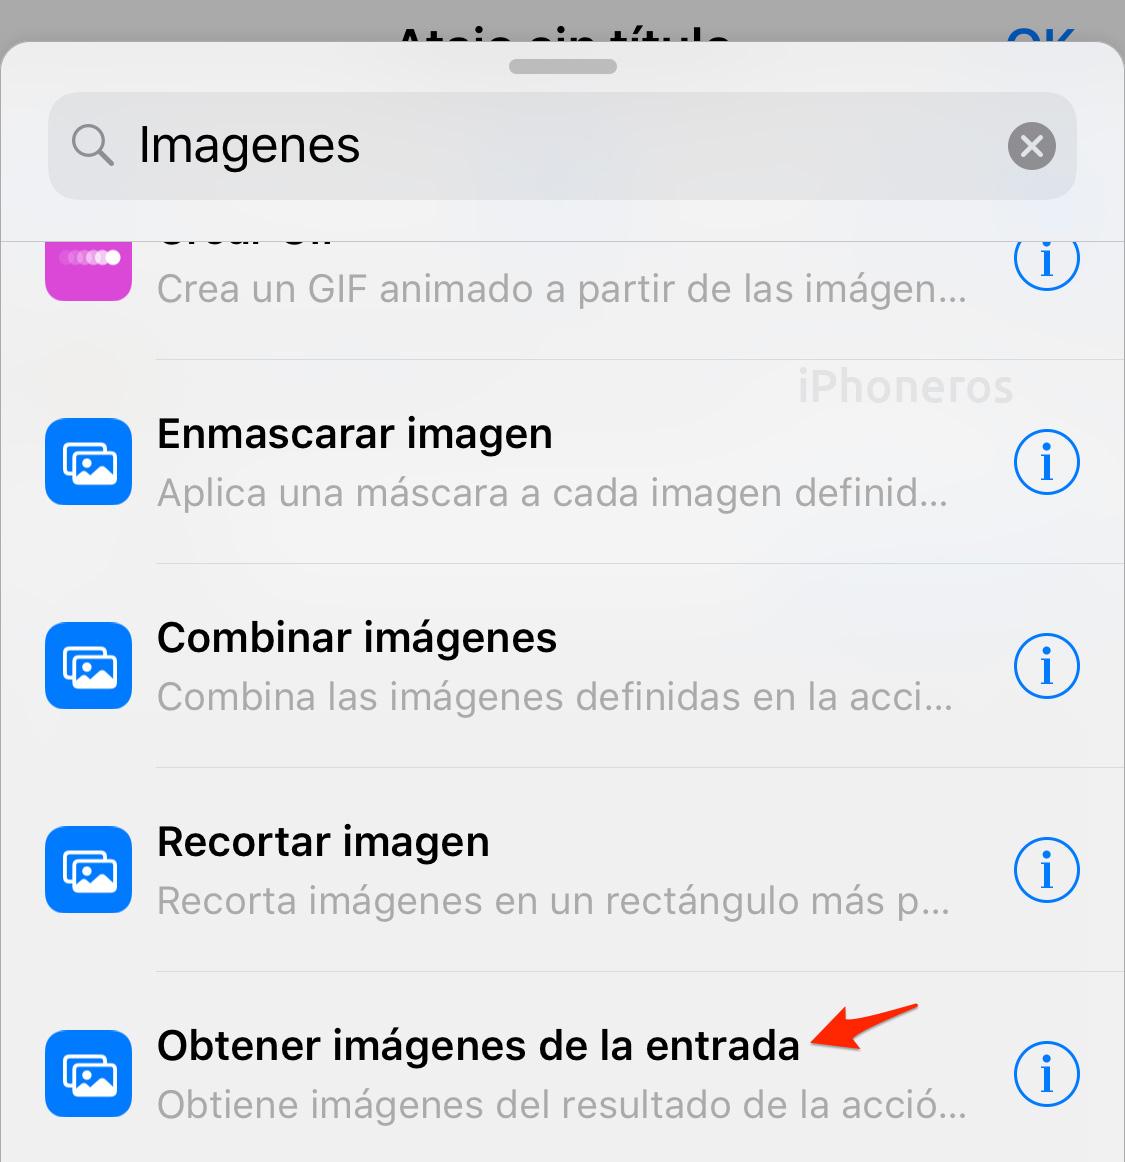 Atajos de Siri: Obtener imágenes